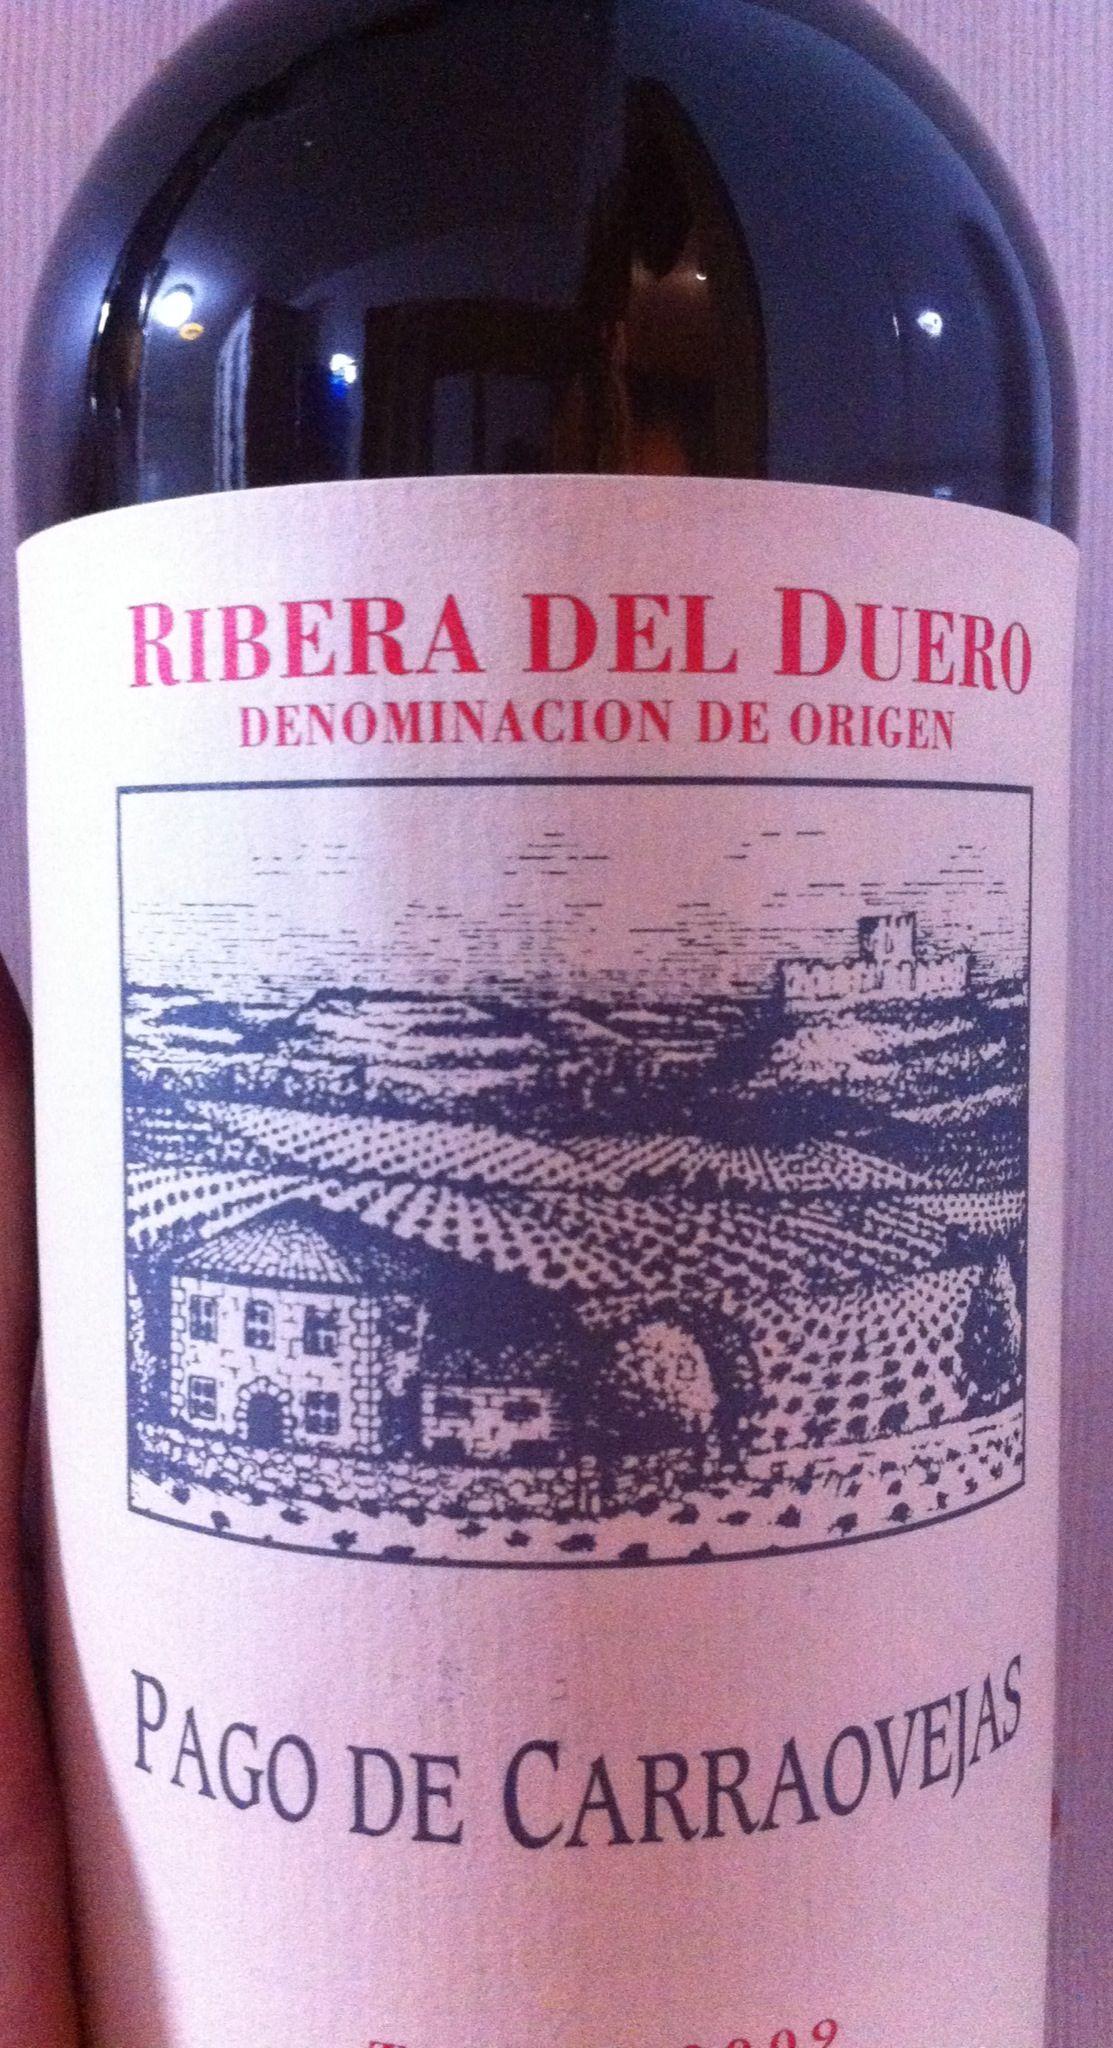 Pago De Carraovejas 2009 Ribera Del Duero Espana Vinhos Tinto